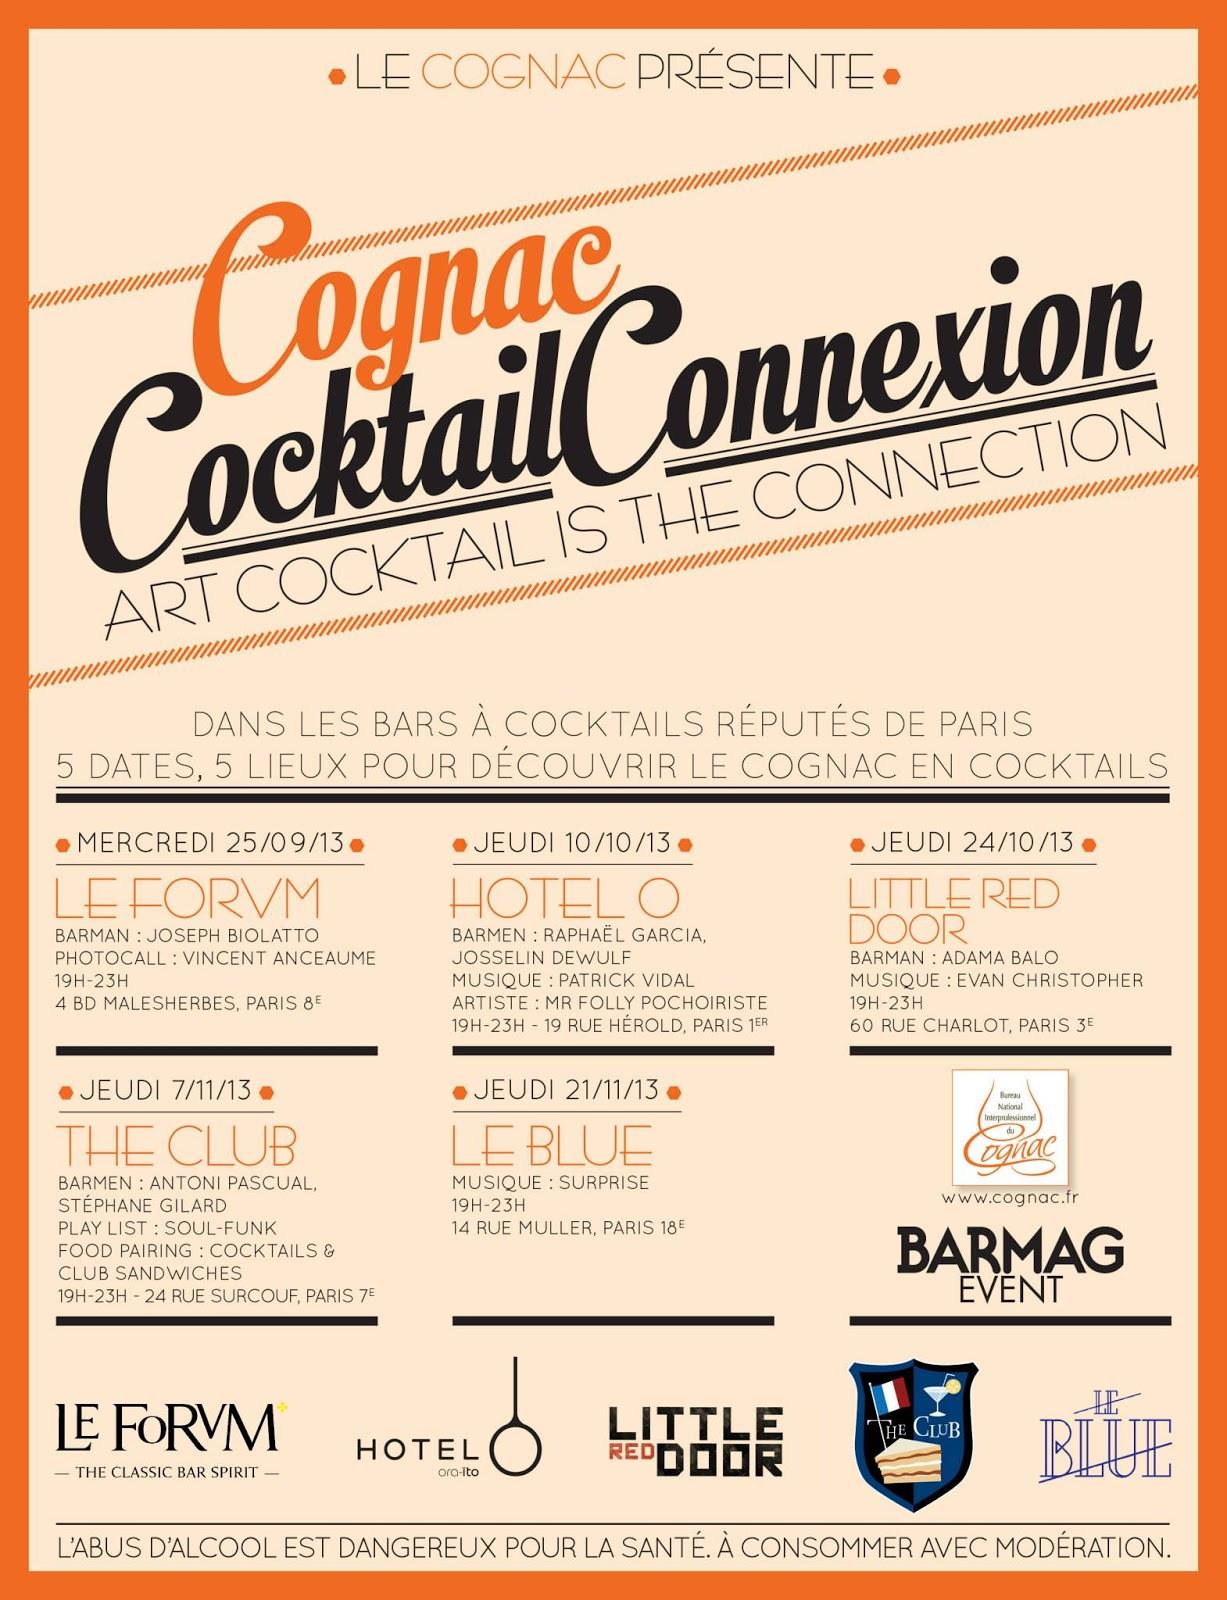 ... cognac julep cocktail the prescription julep cocktail cognac cocktails